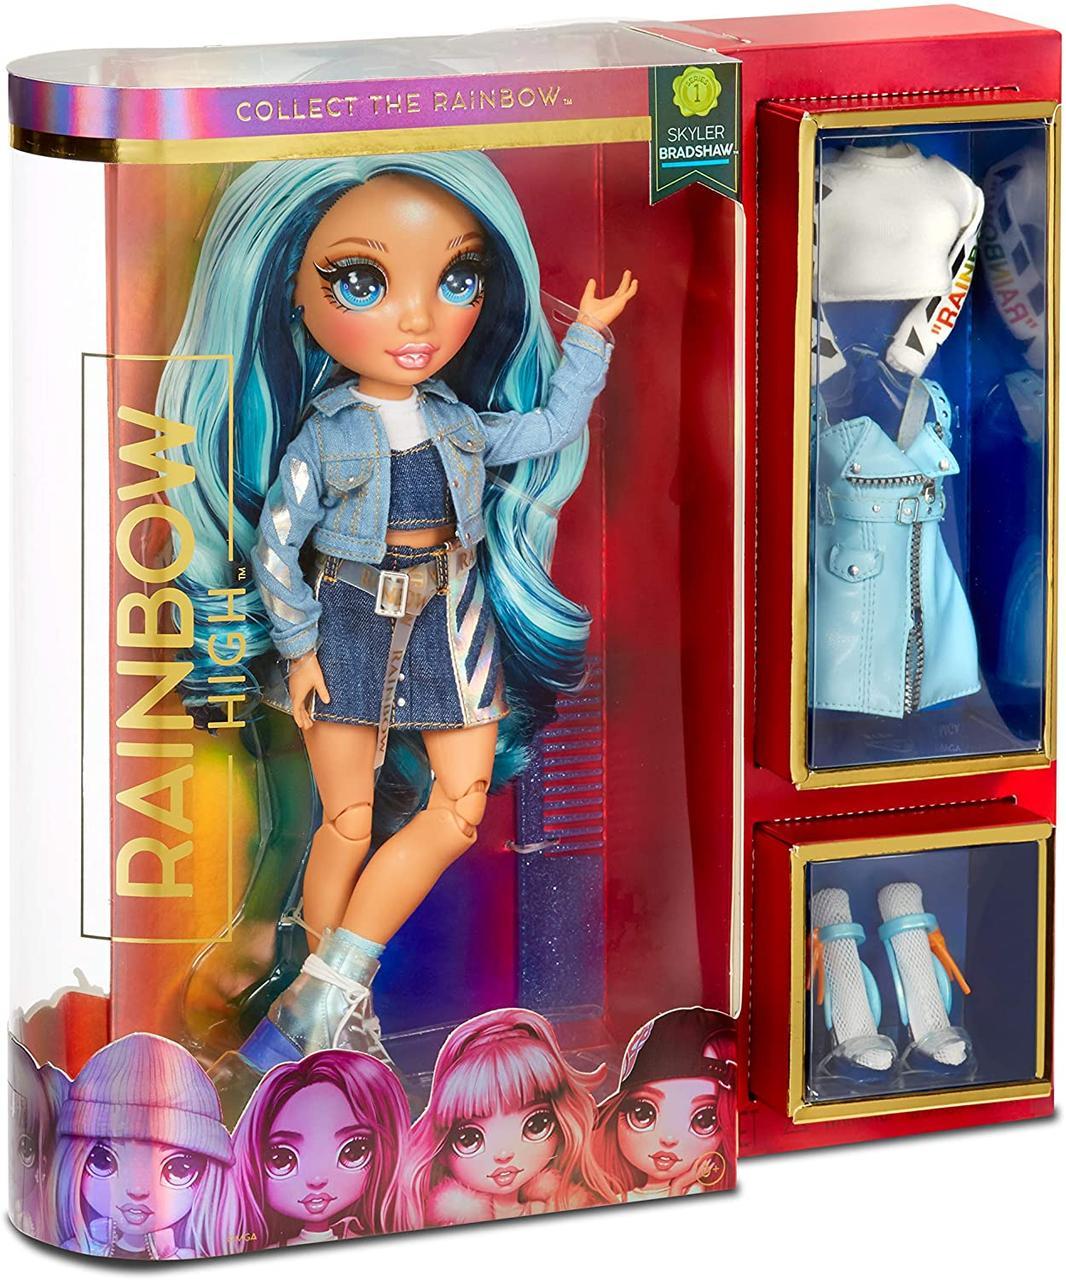 Лялька Мосту Хай Rainbow Surprise Rainbow High Skyler Bradshaw - Blue